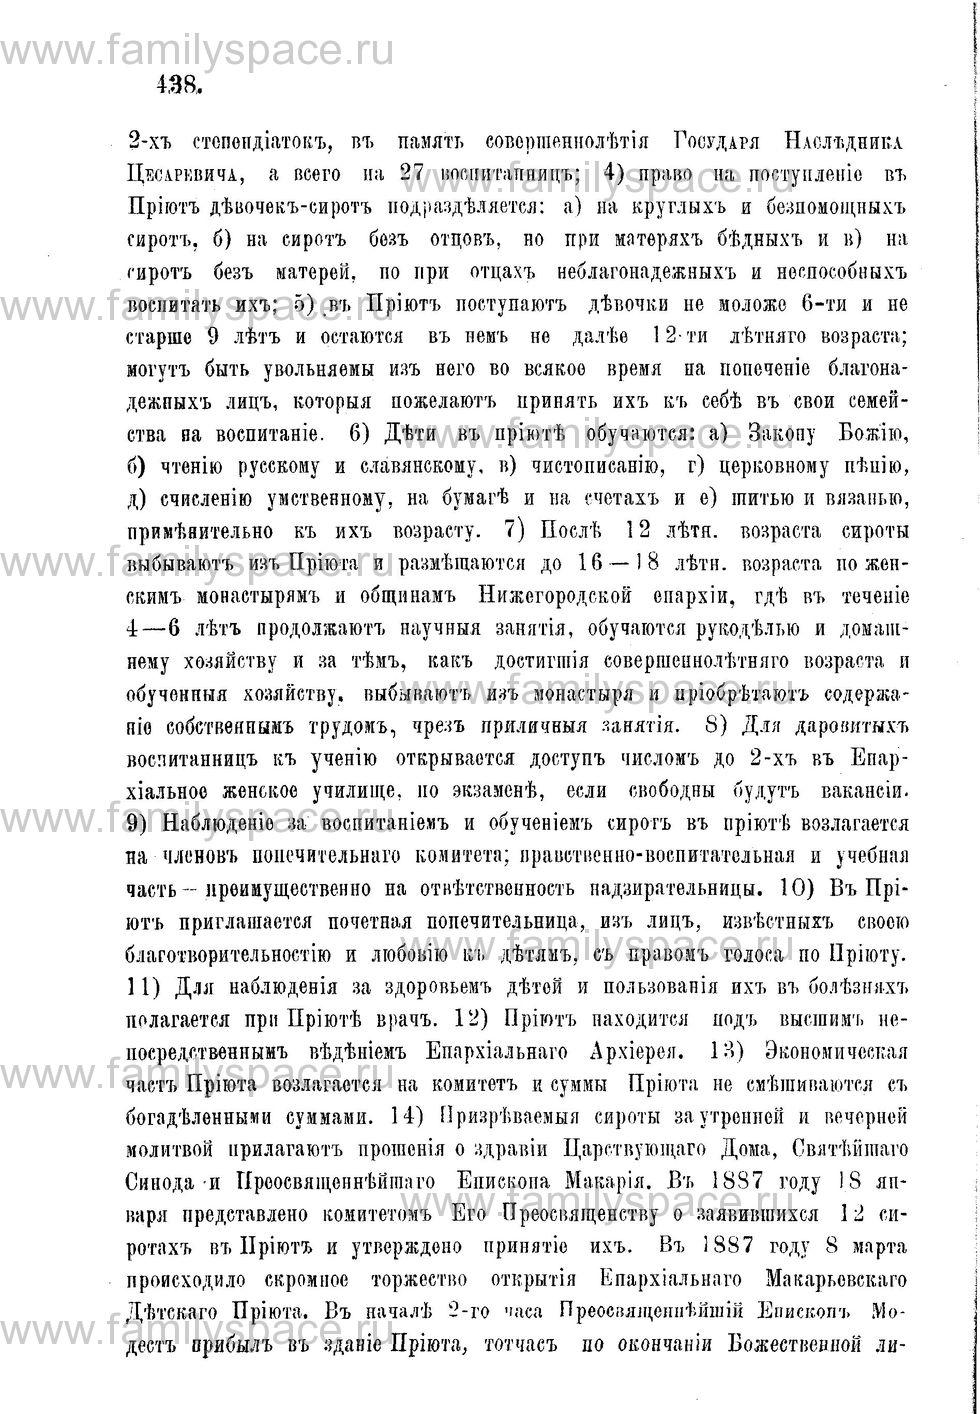 Поиск по фамилии - Адрес-календарь Нижегородской епархии на 1888 год, страница 1438